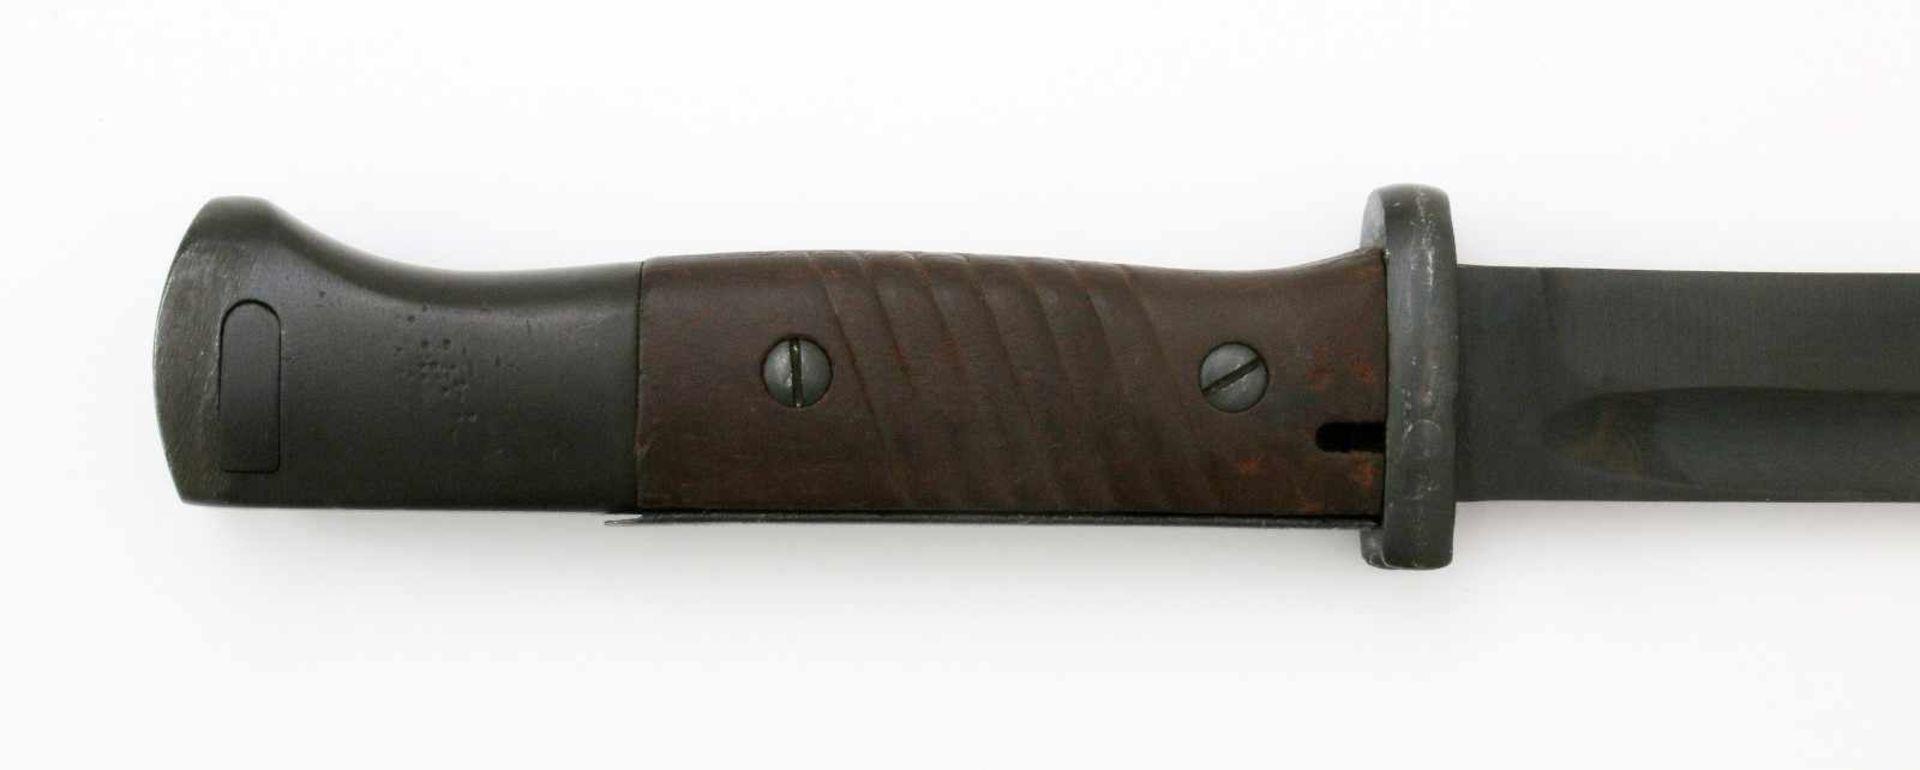 3. Reich - Seitengewehr 84/98 3. ModellGekehlte Rückenklinge, Parier benummert, undeutlicher Stempel - Bild 4 aus 4